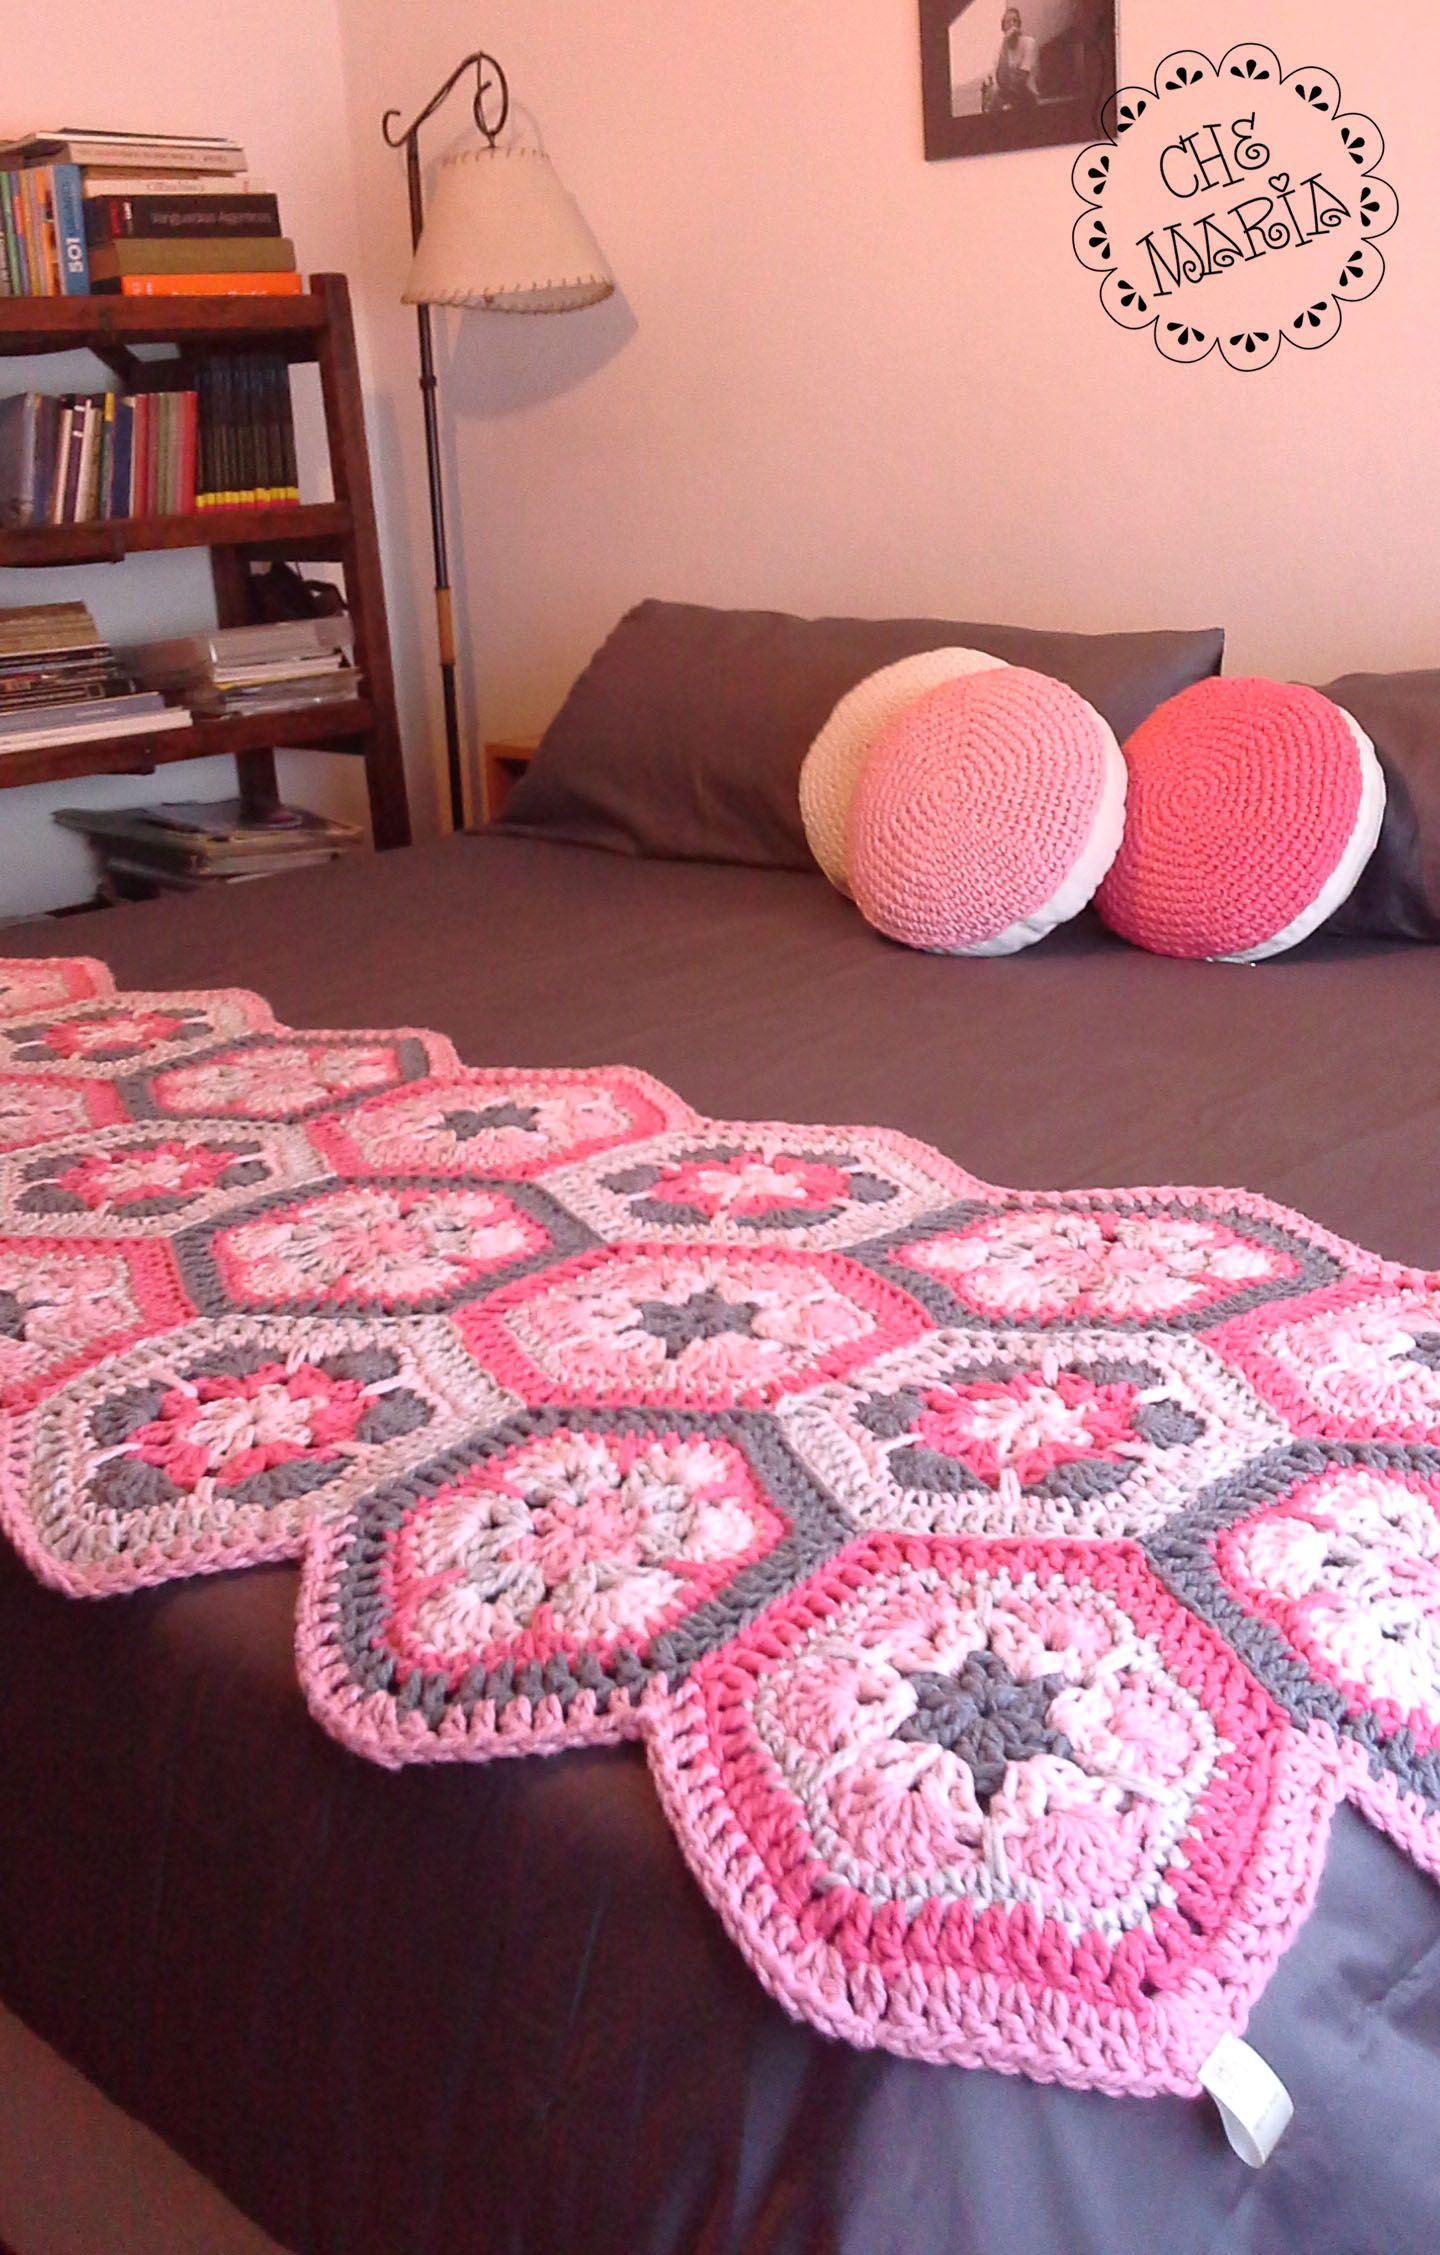 Almohadones y pi de cama tejidos a mano che mar a - Pie de cama ...